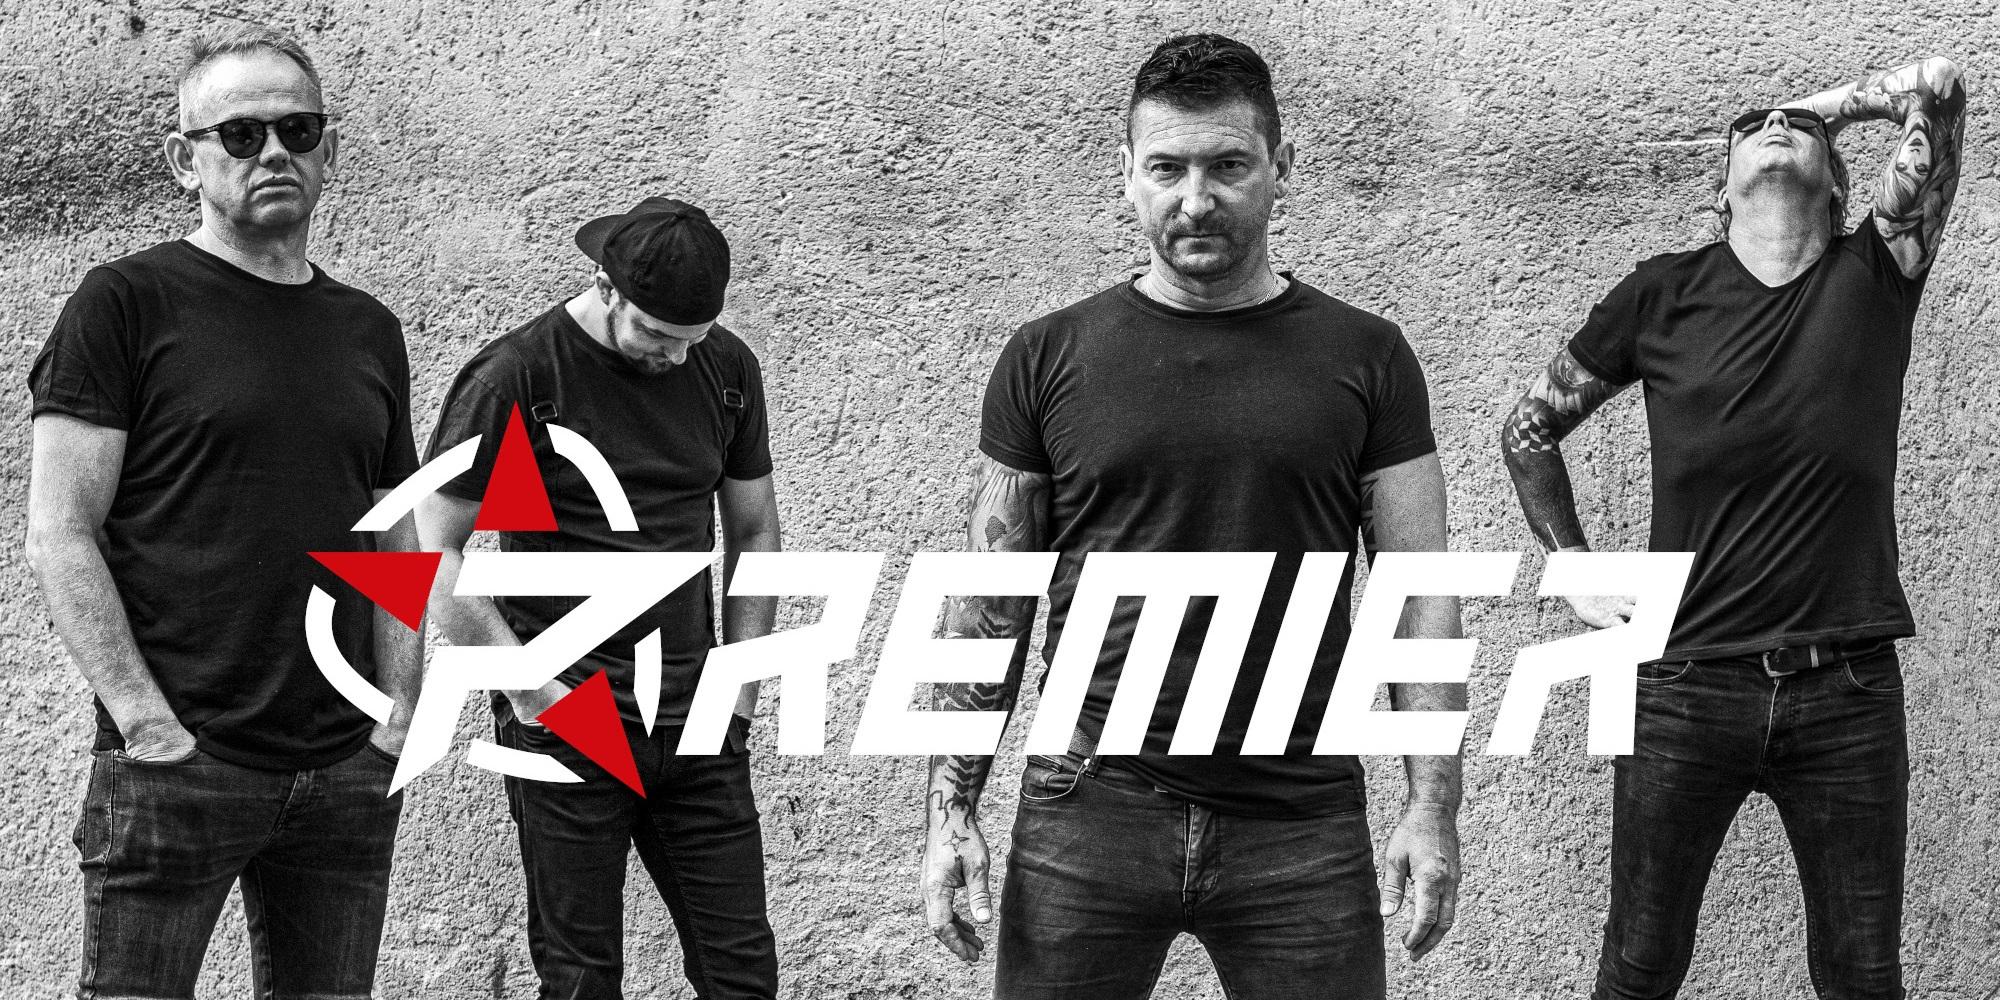 www.premier-music.cz